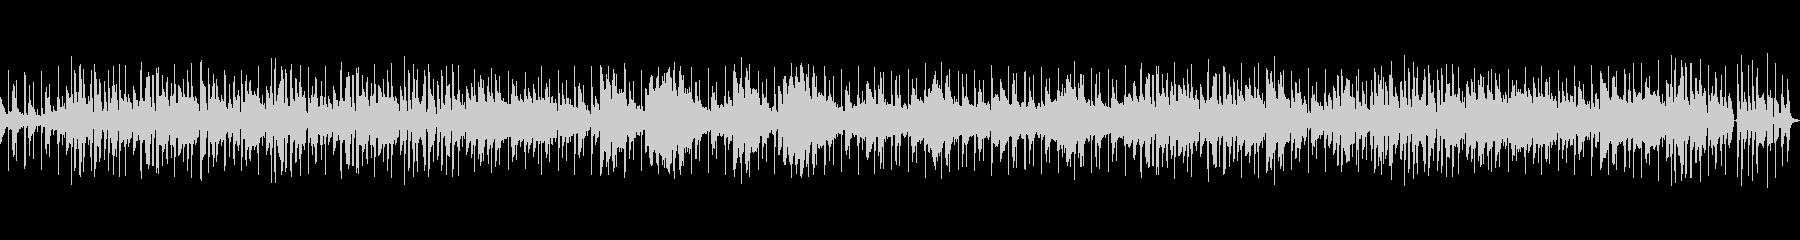 オープニングに合うお洒落なジャズBGMの未再生の波形